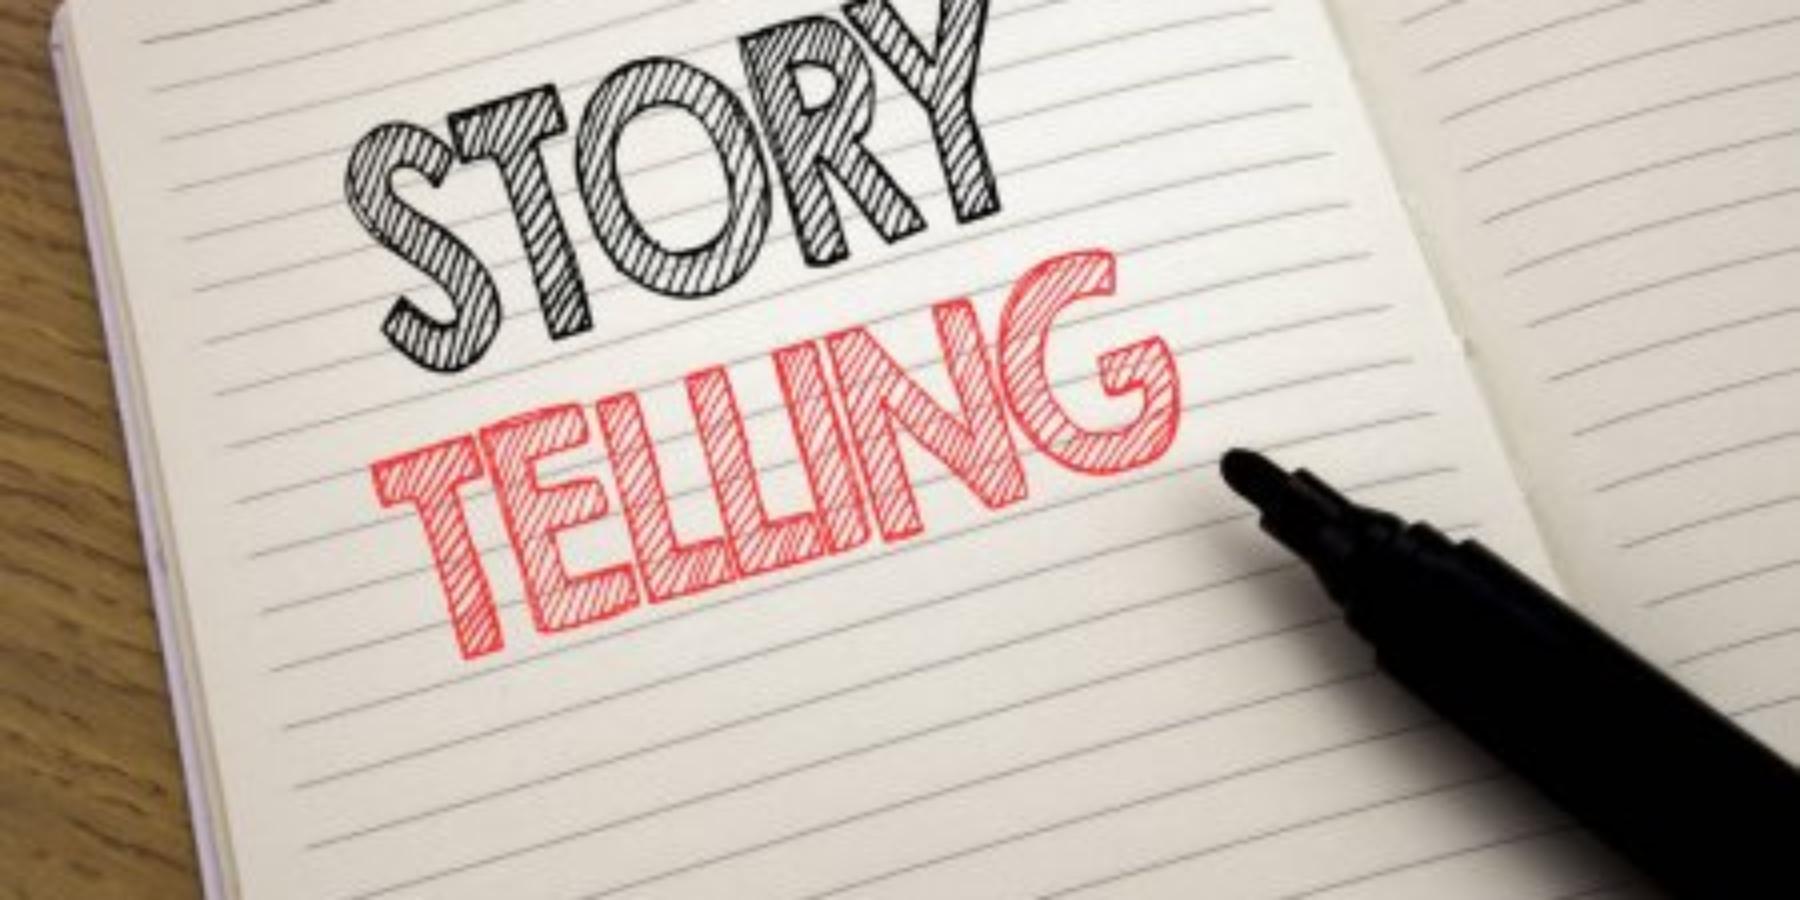 Co zyskuje firma naunikalnej narracji marketingowej?